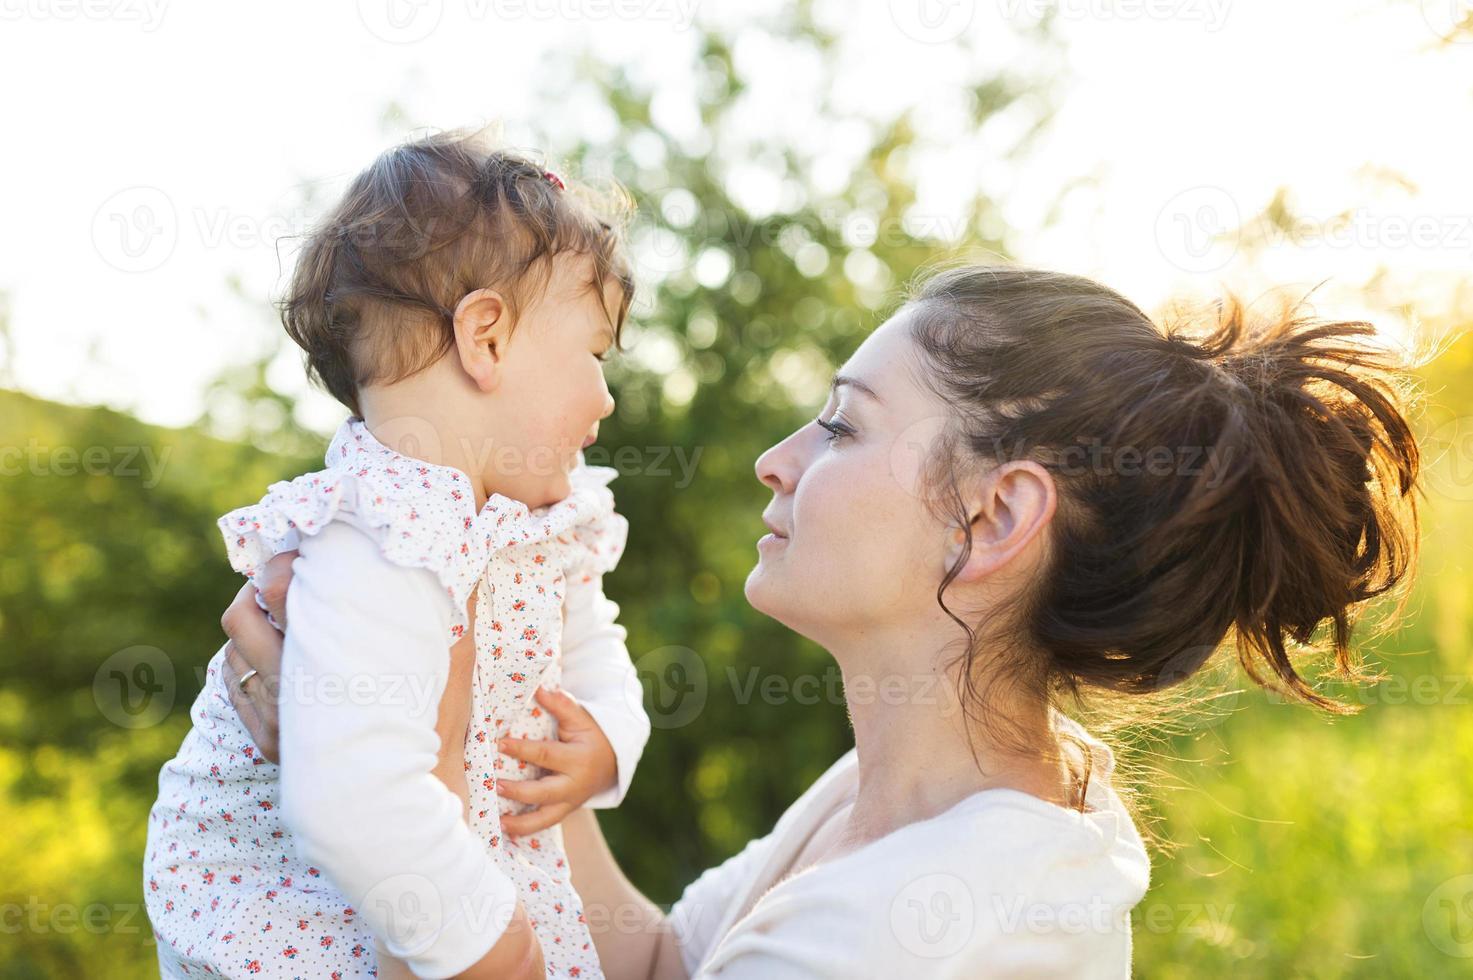 madre felice e il suo bambino foto